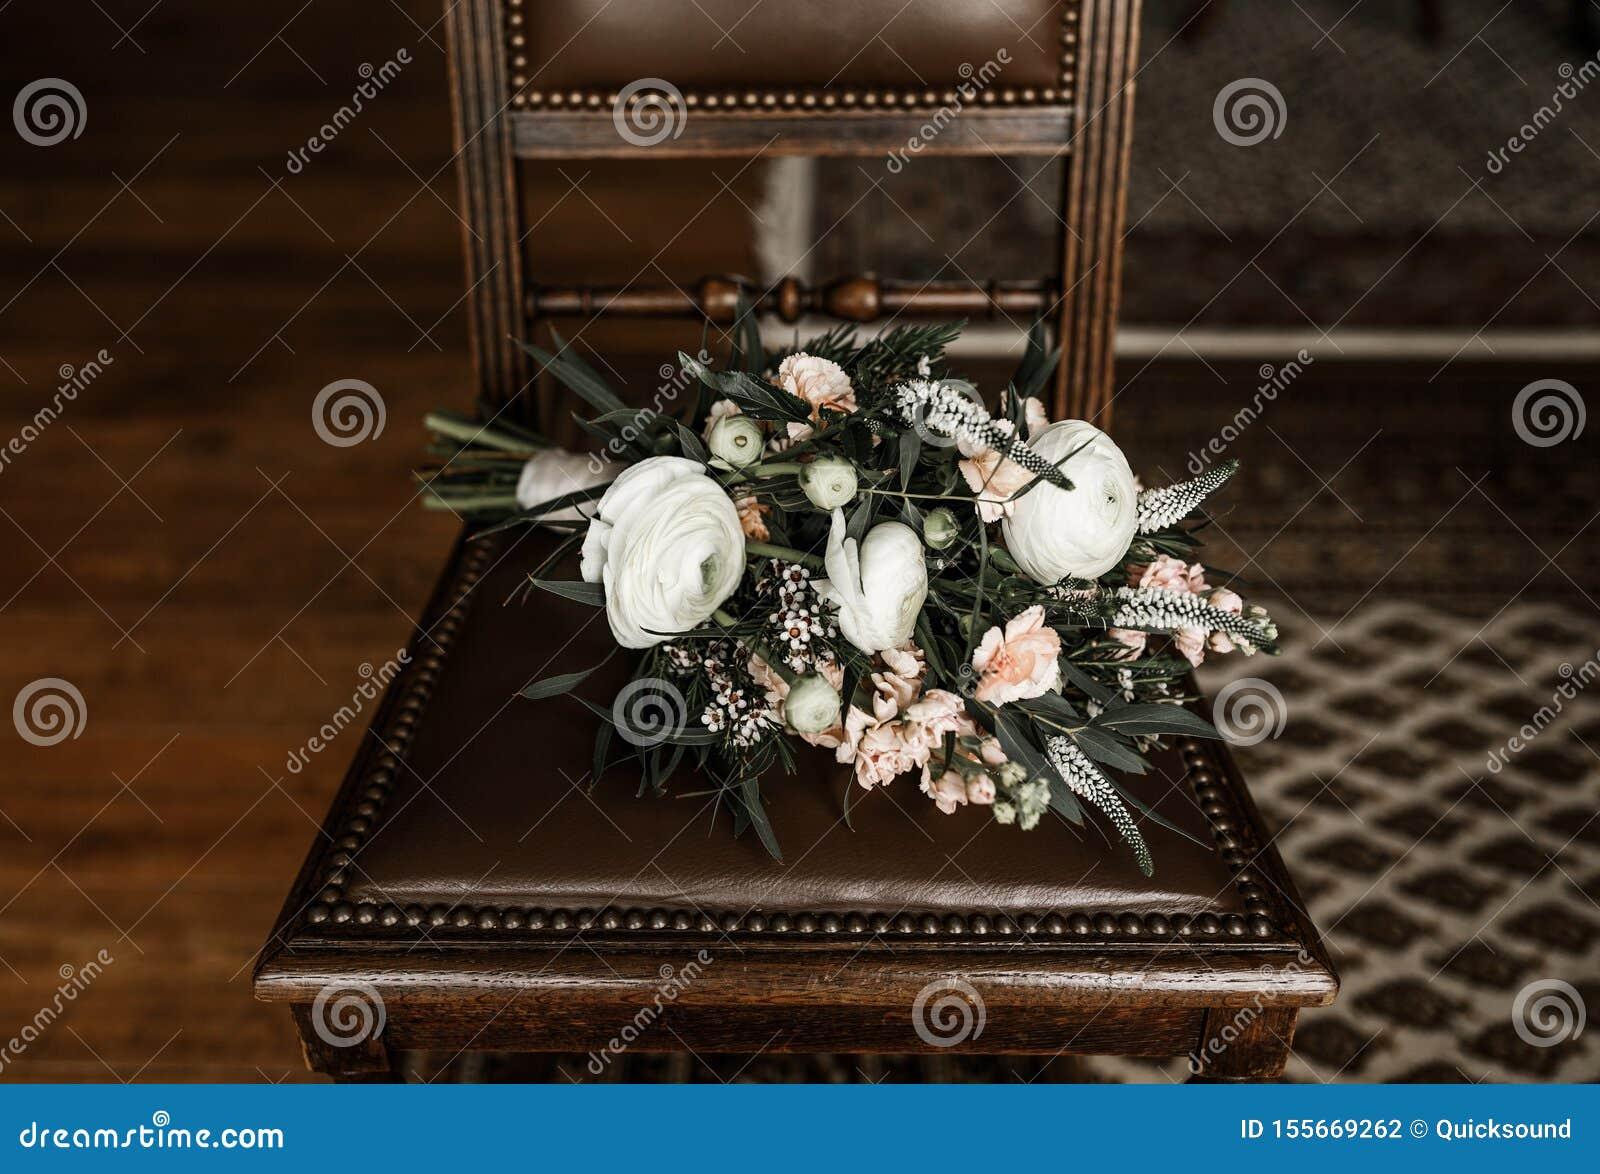 Bohemian Style Wedding Flowers Stock Photo Image Of Boho Romance 155669262